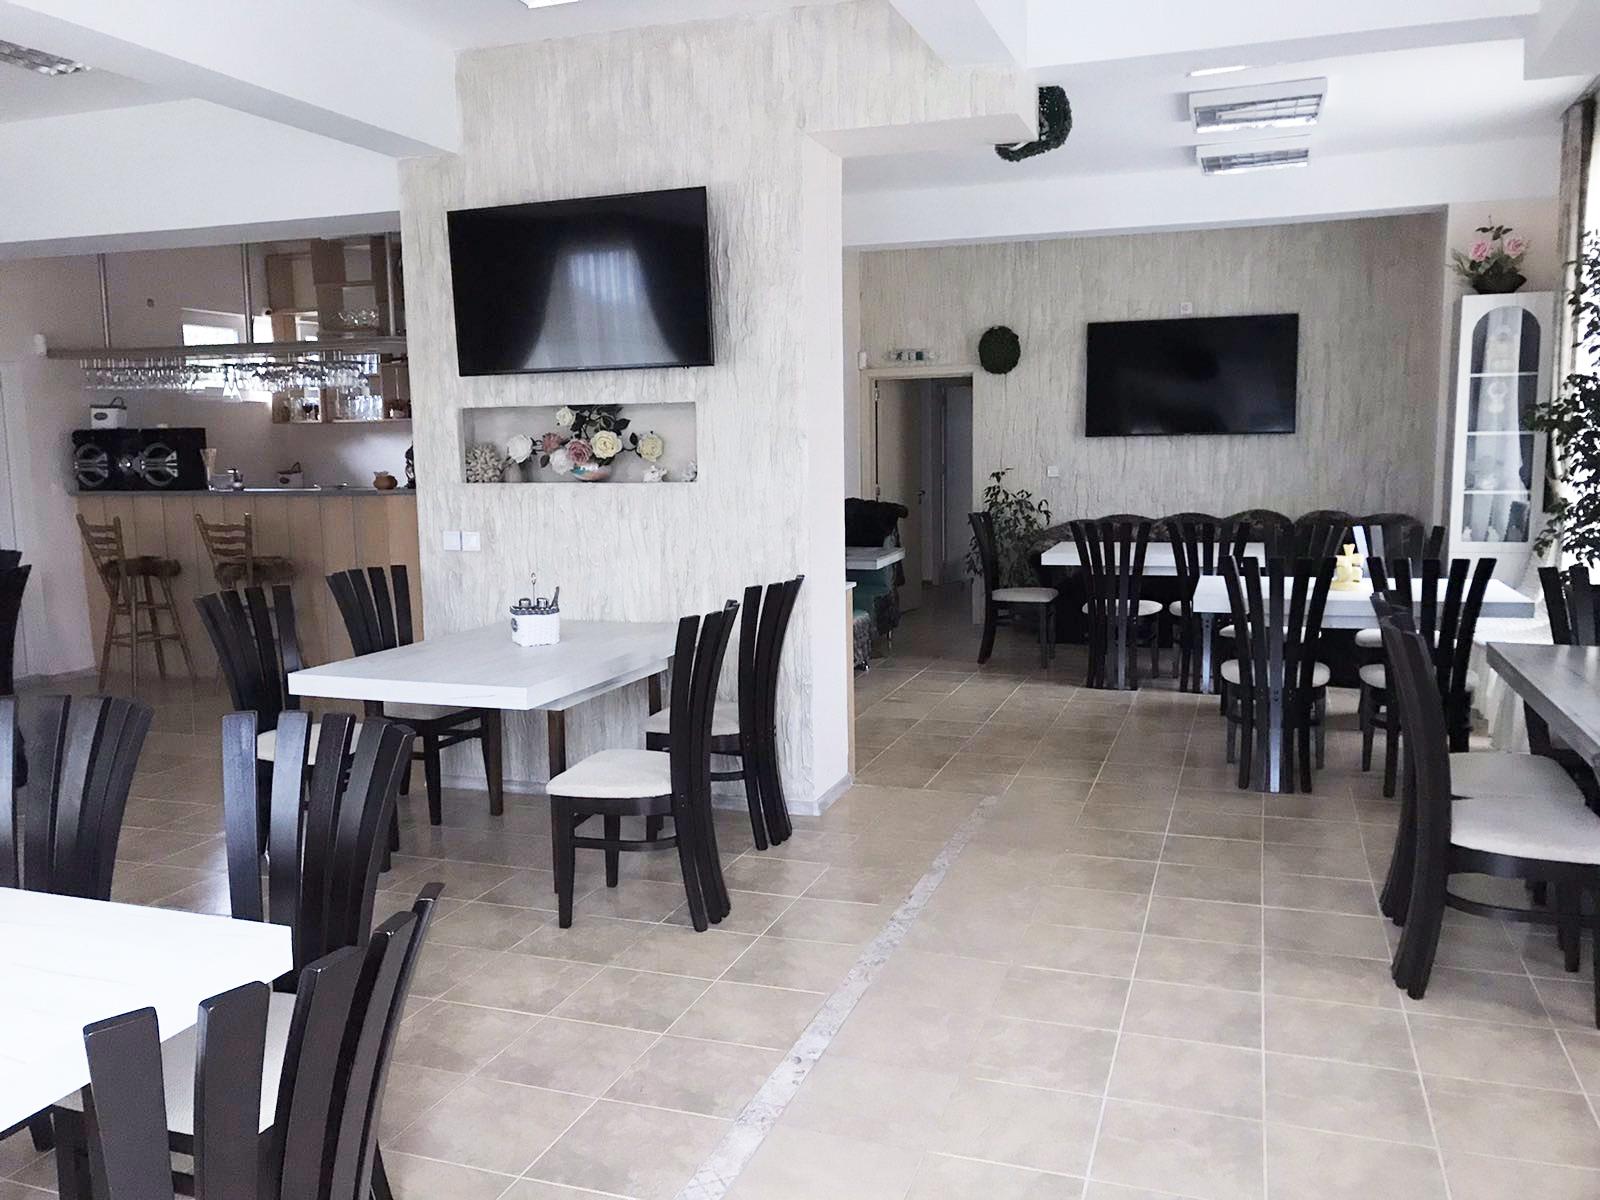 Нощувка за 15 човека + ползване на оборудван ресторант + зала за хранене от Семеен хотел Его, с. Минерални бани, снимка 3